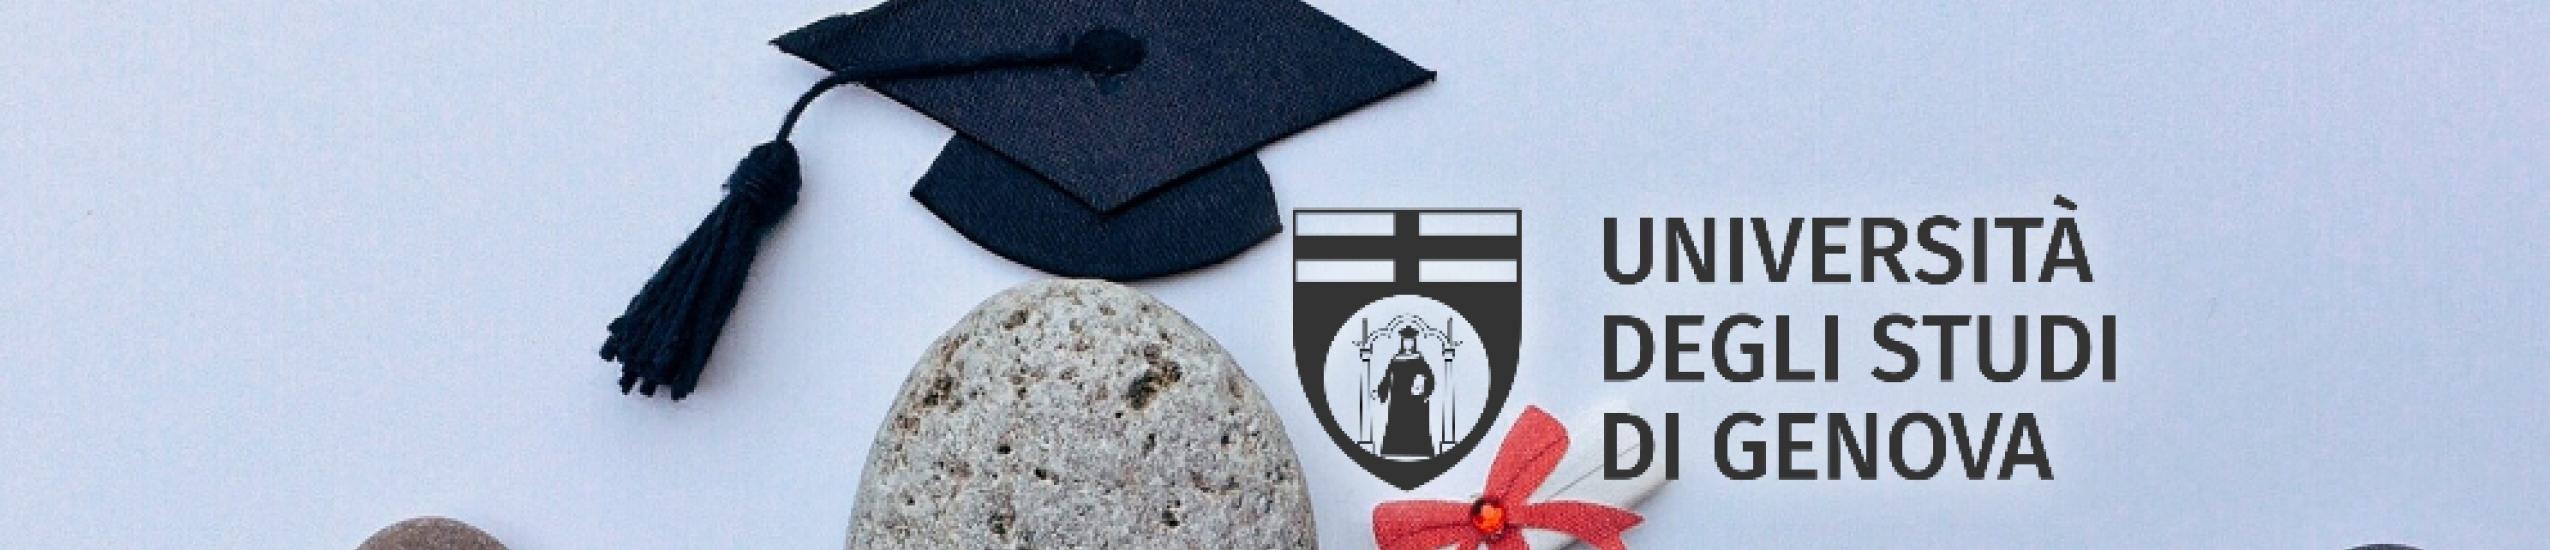 Foto di sassi di mare con sopra un cappello da laurea e la scritta università degli studi di Genova